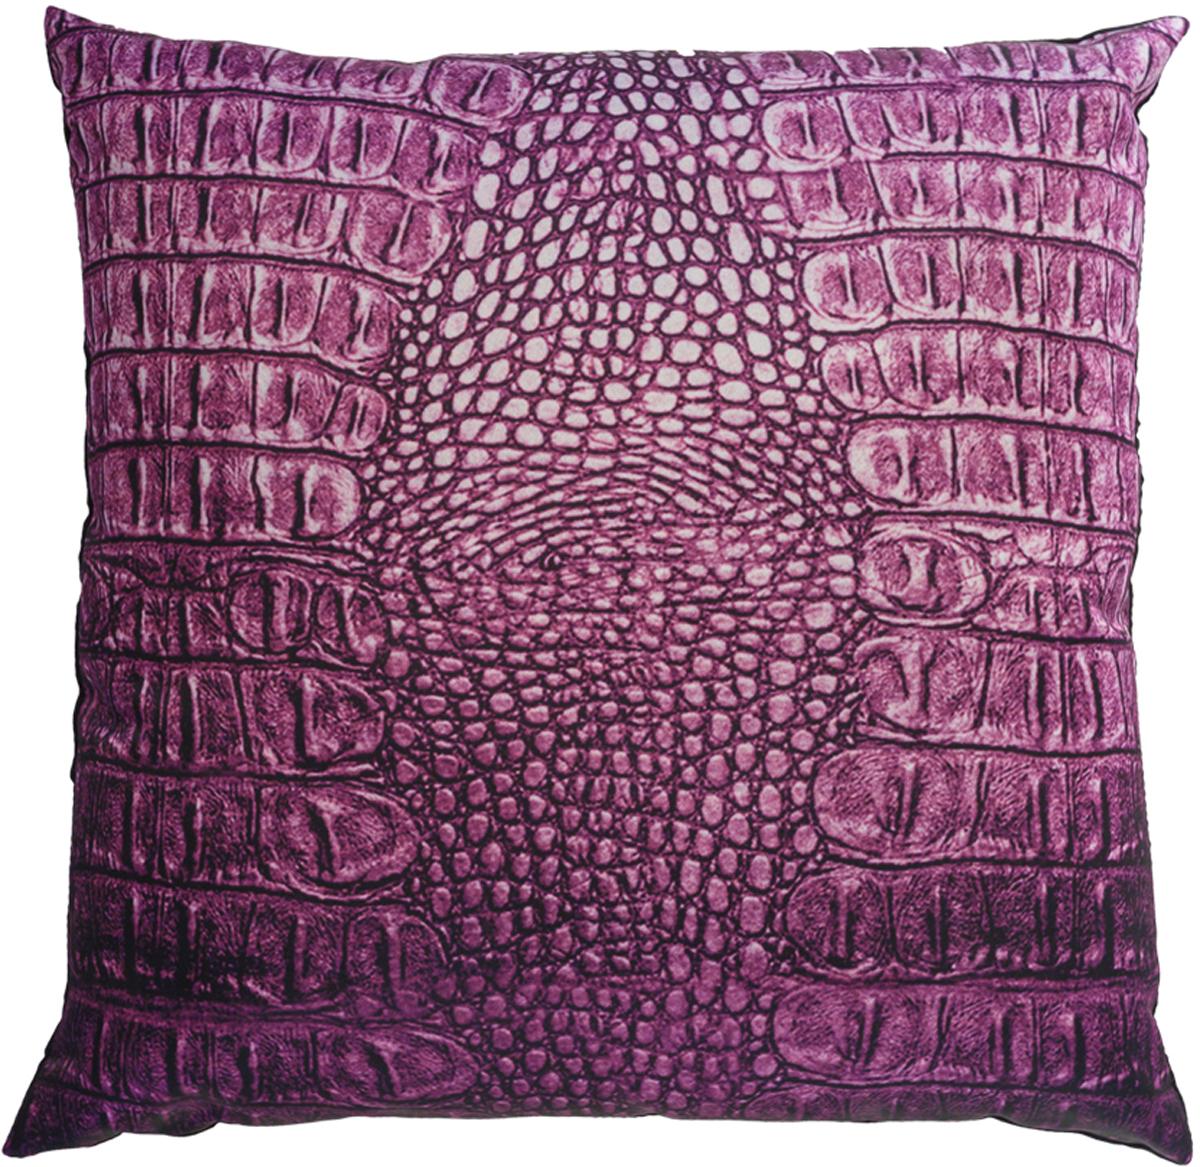 Подушка декоративная GiftnHome Крокодил, цвет: фиолетовый, 35 х 35 см531-401Подушка декоративная GiftnHome Крокодил прекрасно дополнит интерьер спальни или гостиной. Чехол подушки выполнен из атласа (искусственный шелк) и оформлен изысканным орнаментом. В качестве наполнителя используется мягкий холлофайбер. Чехол снабжен потайной застежкой-молнией, благодаря чему его легко можно снять и постирать.Красивая подушка создаст атмосферу уюта в доме и станет прекрасным элементом декора.